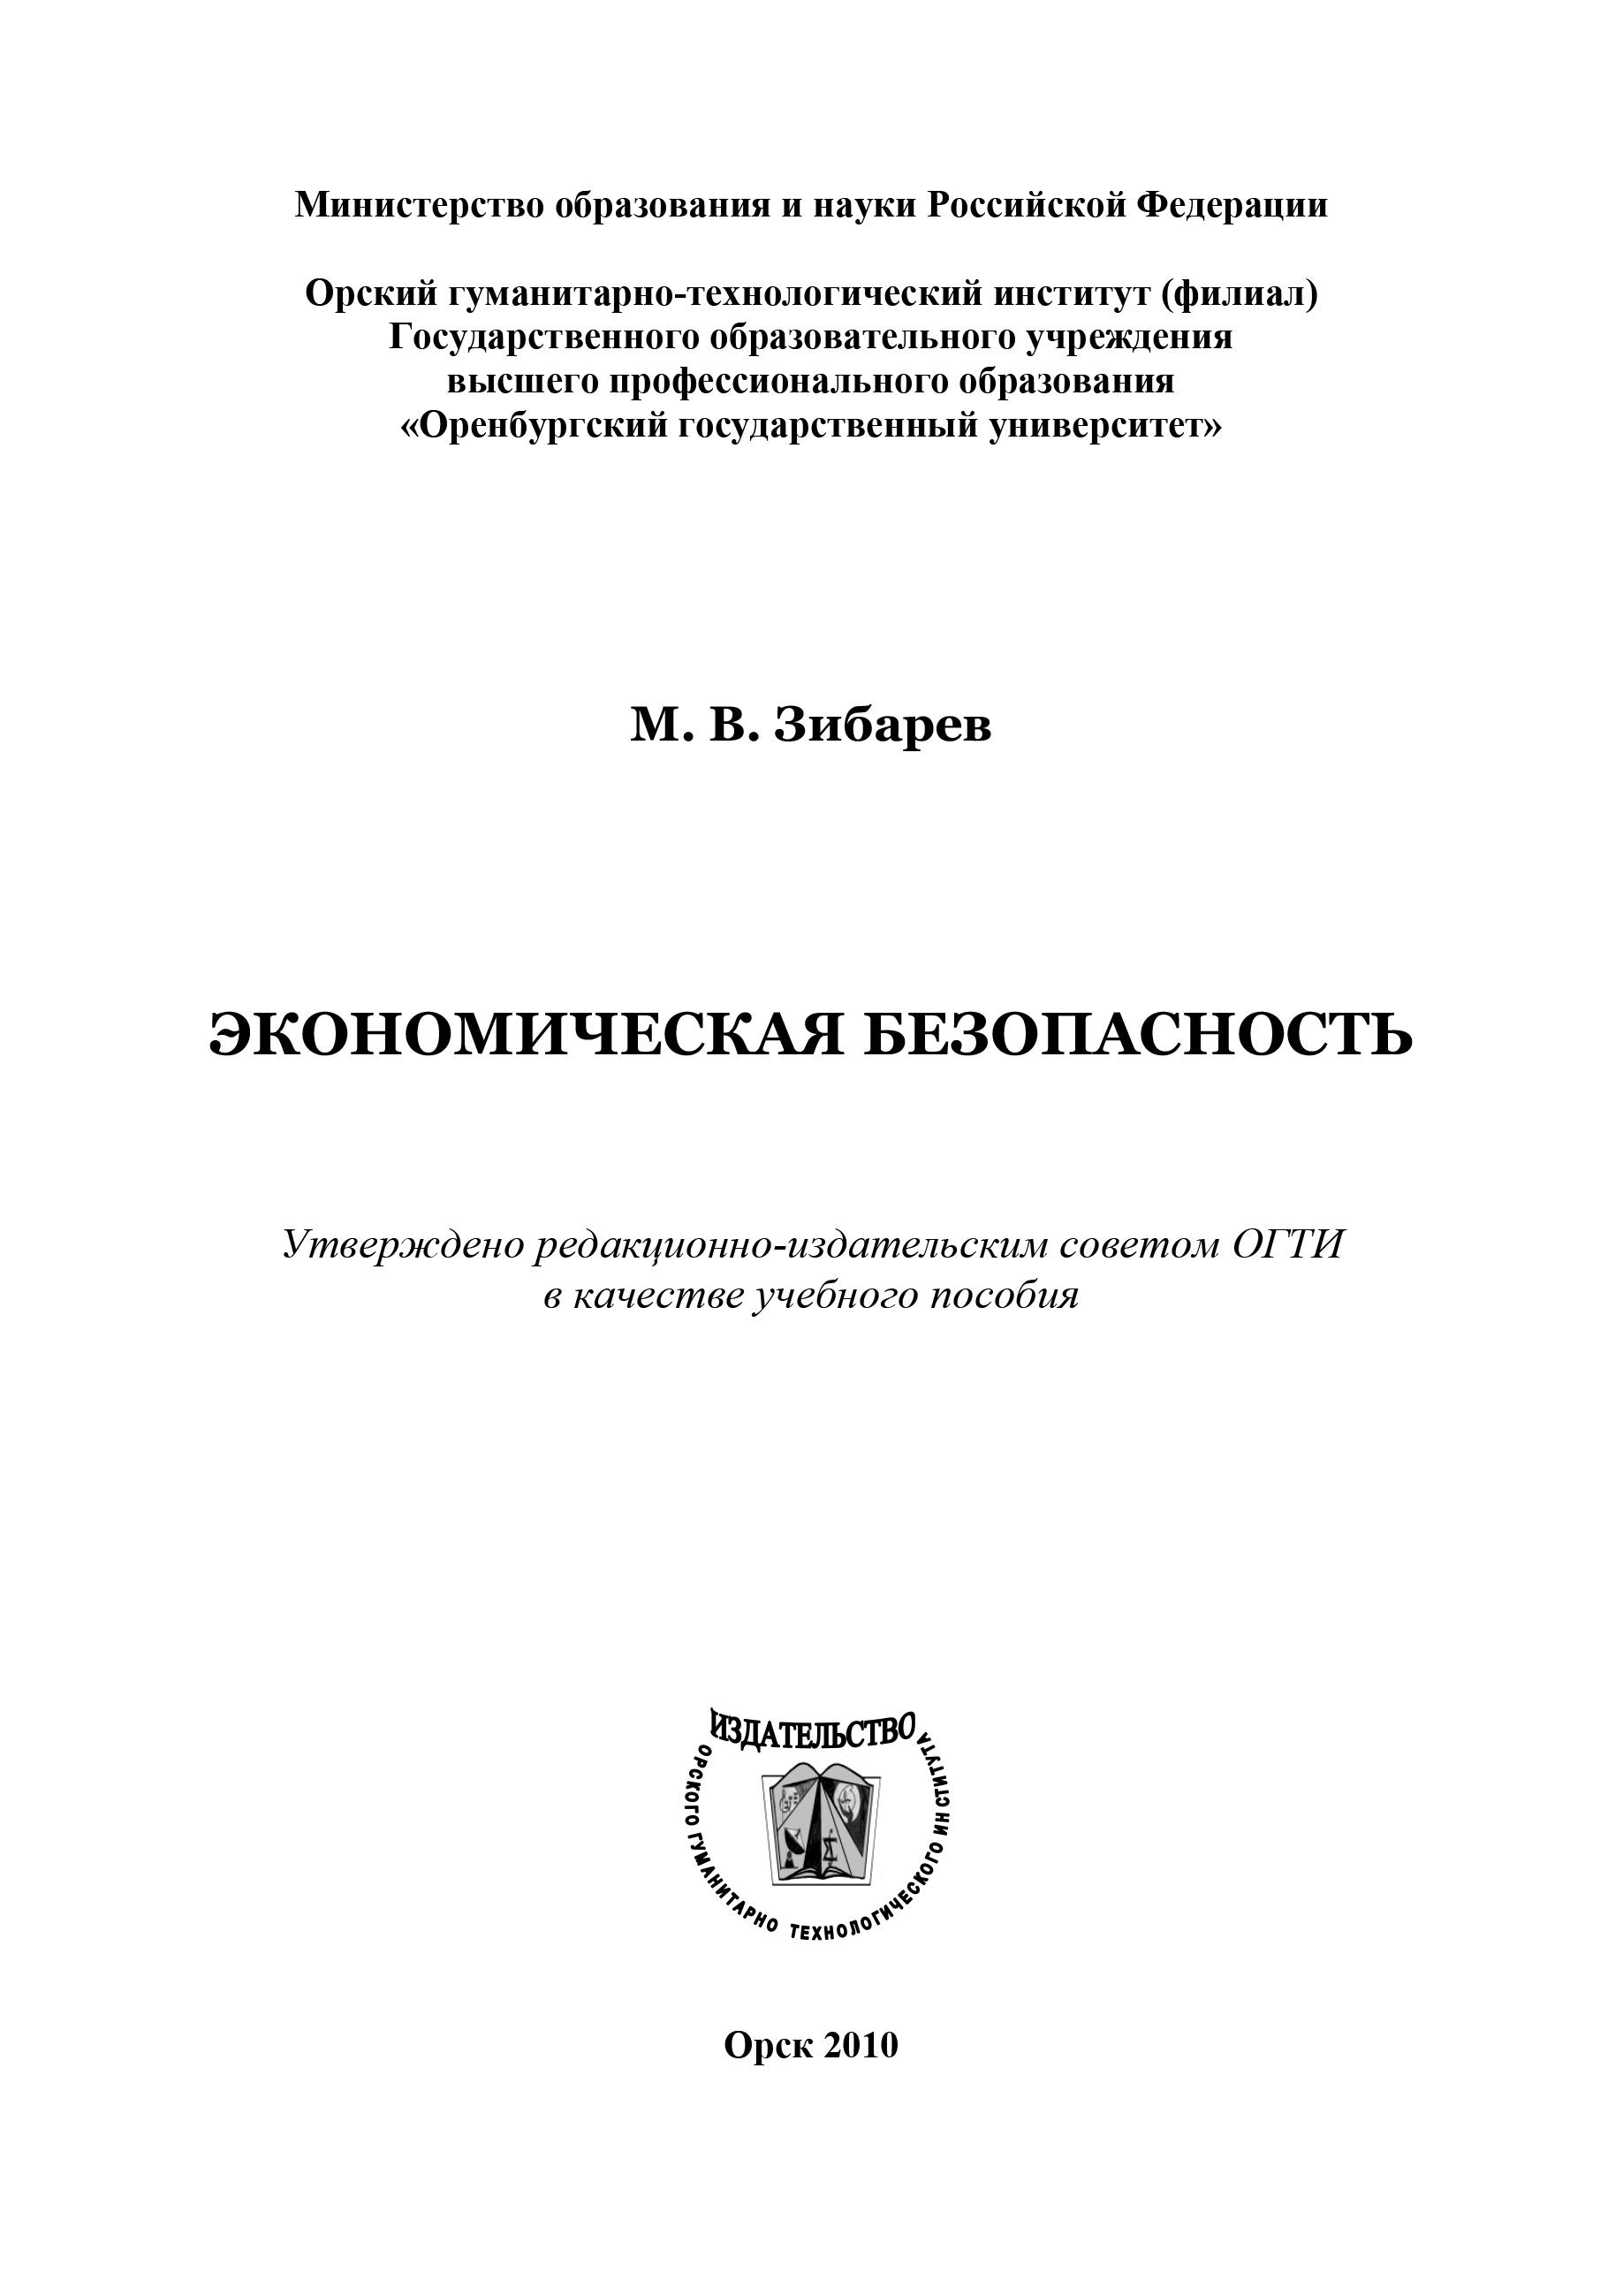 М. В. Зибарев Экономическая безопасность в в ефимов экономическая безопасность государства в условиях глобализации